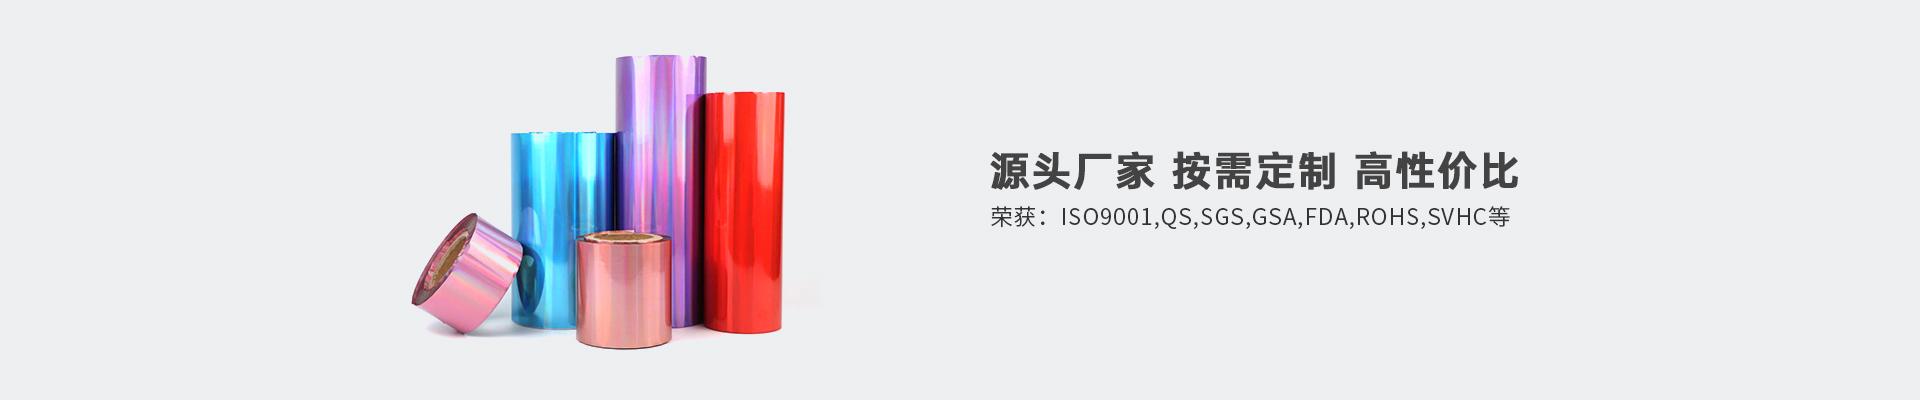 日山红--源头厂家 按需定制 高性价比